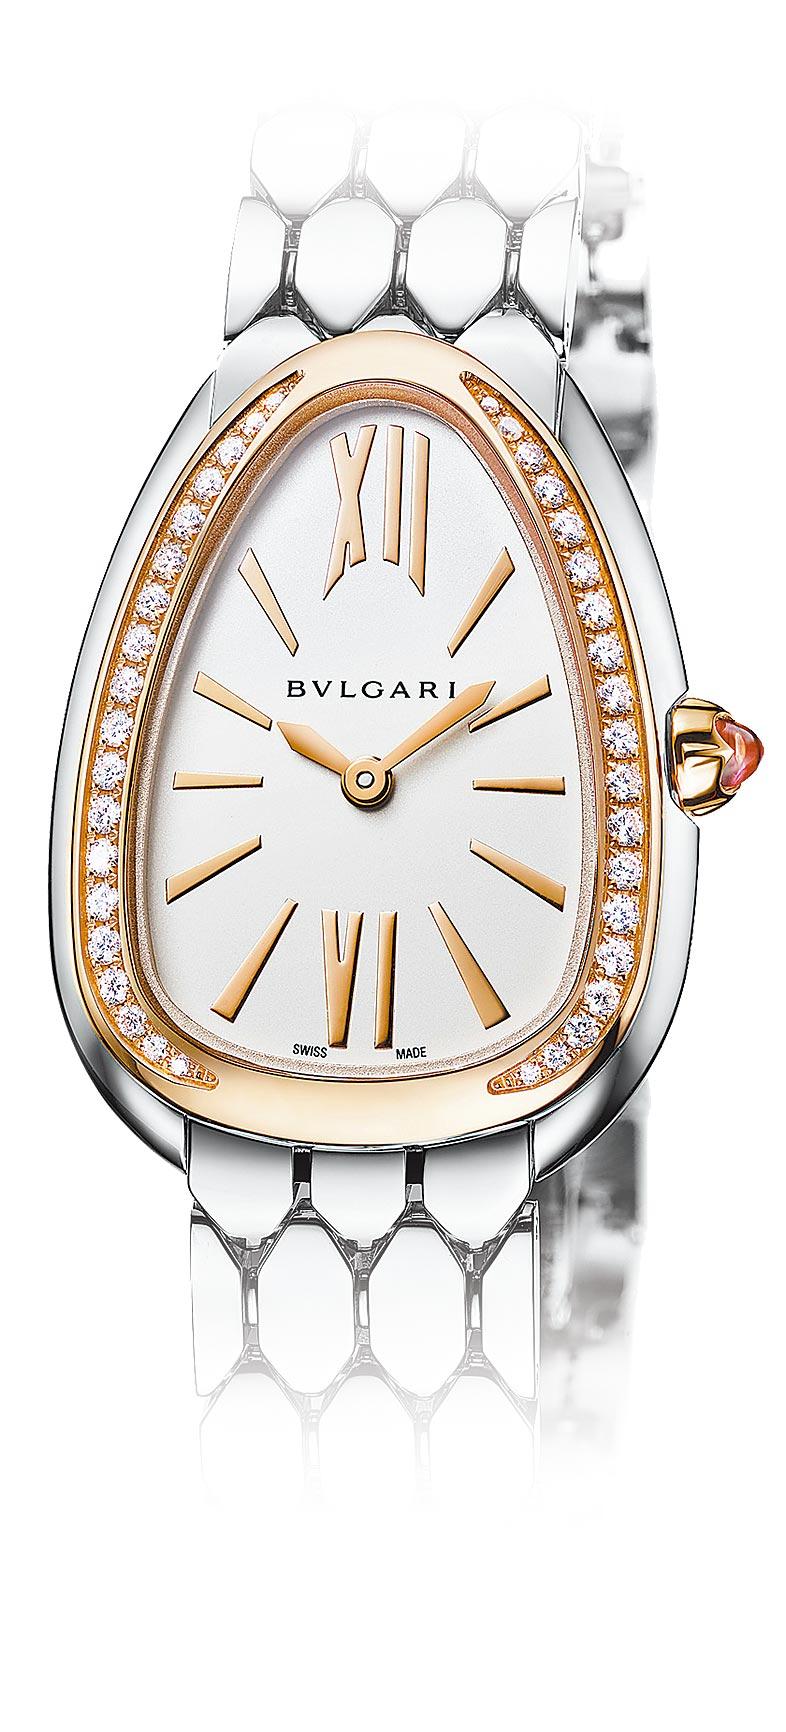 寶格麗SERPENTI SEDUTTORI精鋼與玫瑰金鑲鑽腕表,約34萬9900元。(BVLGARI提供)